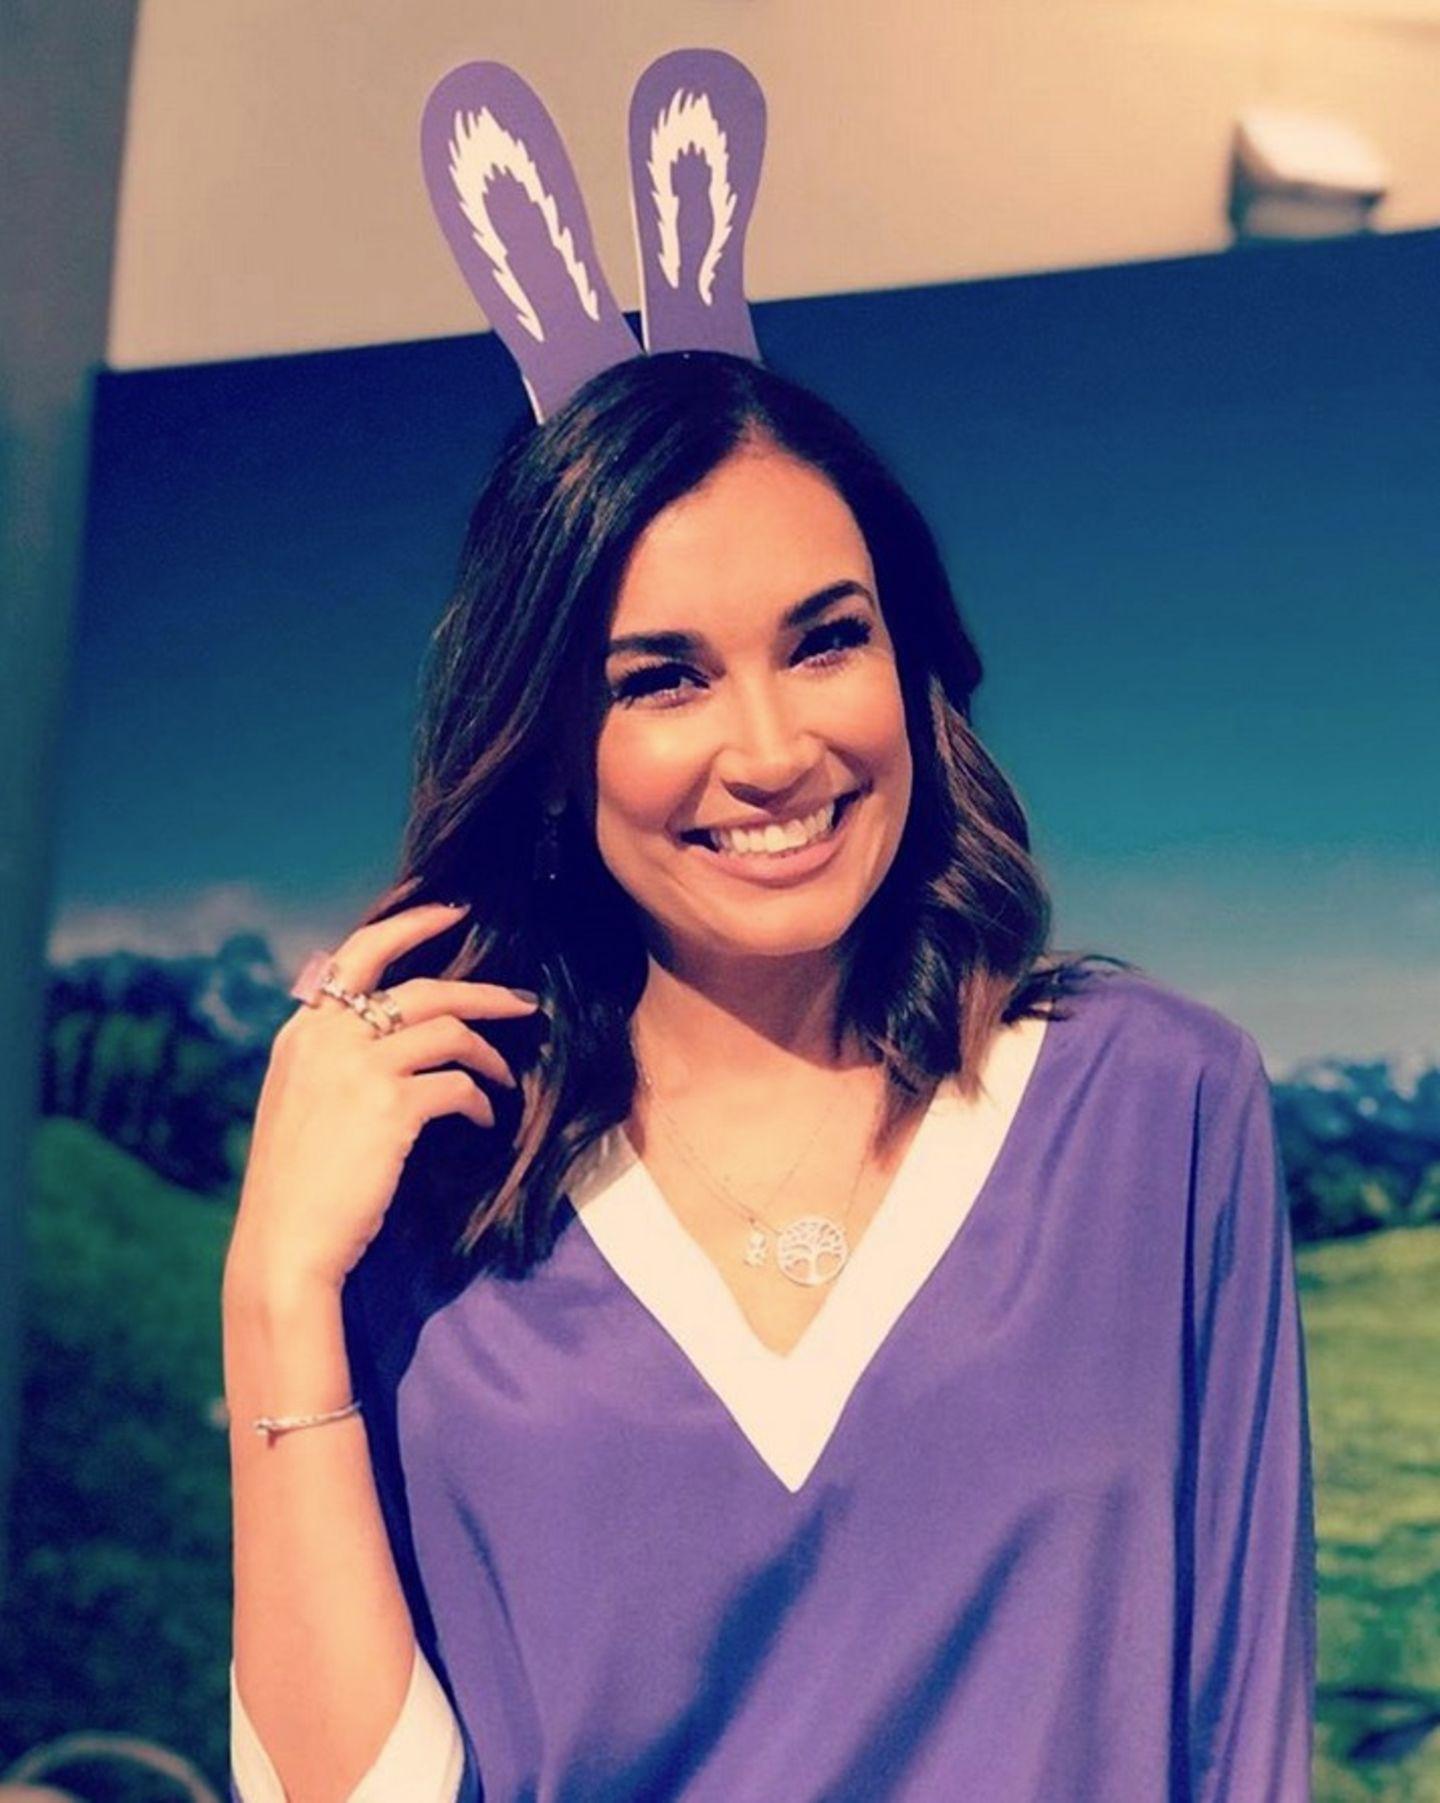 Jana Ina Zarella hat die Osterohren farblich zum Outfit abgestimmt.